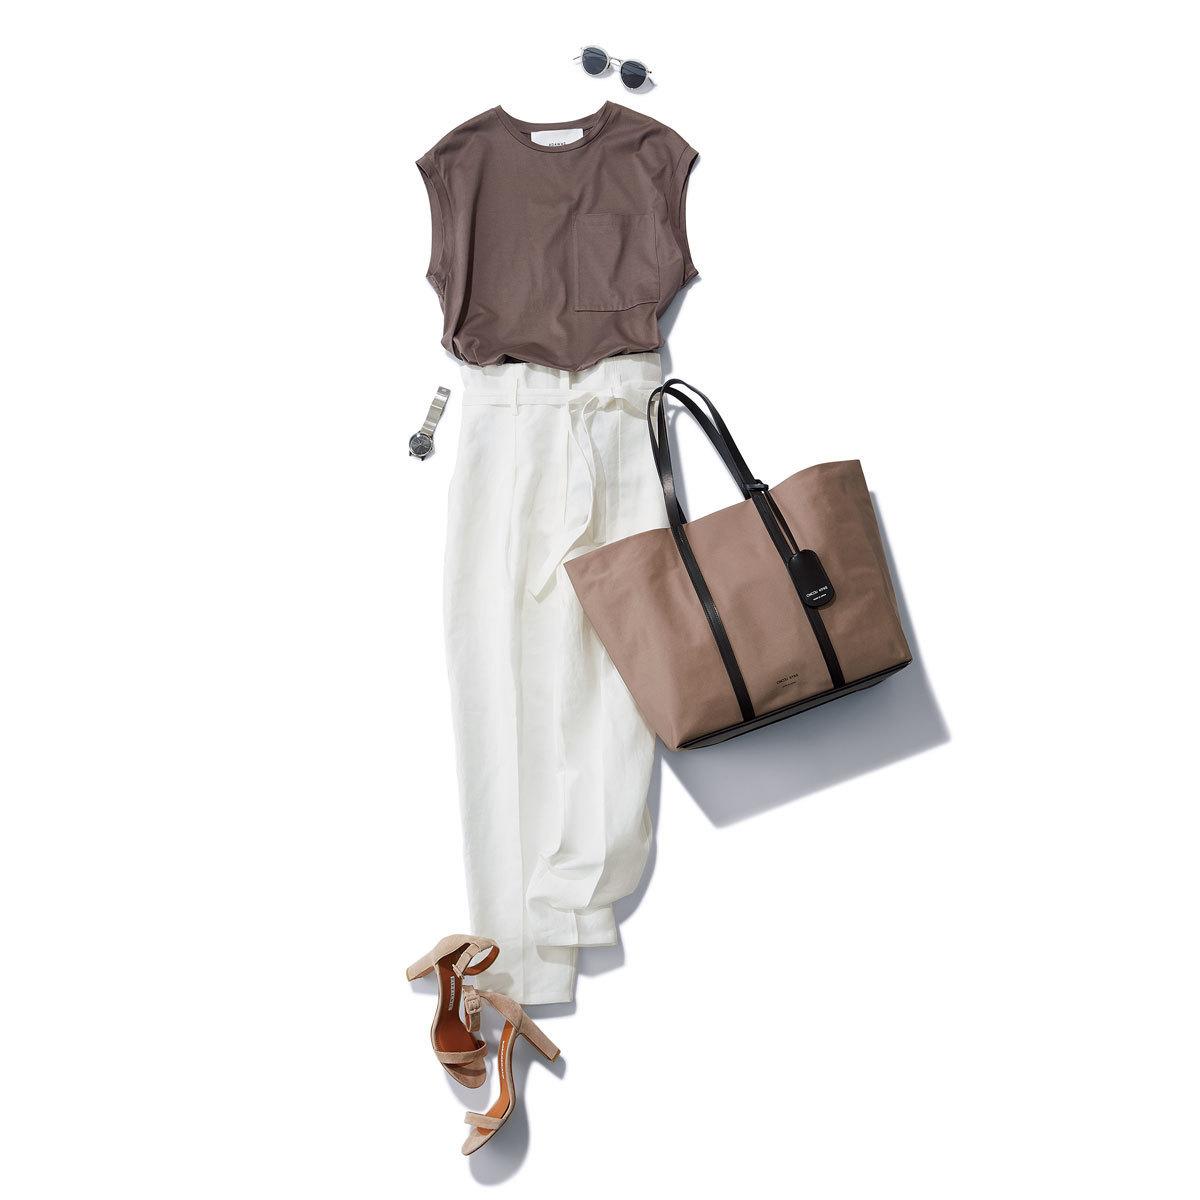 グレージュTシャツ×白パンツのカジュアルファッションコーデ